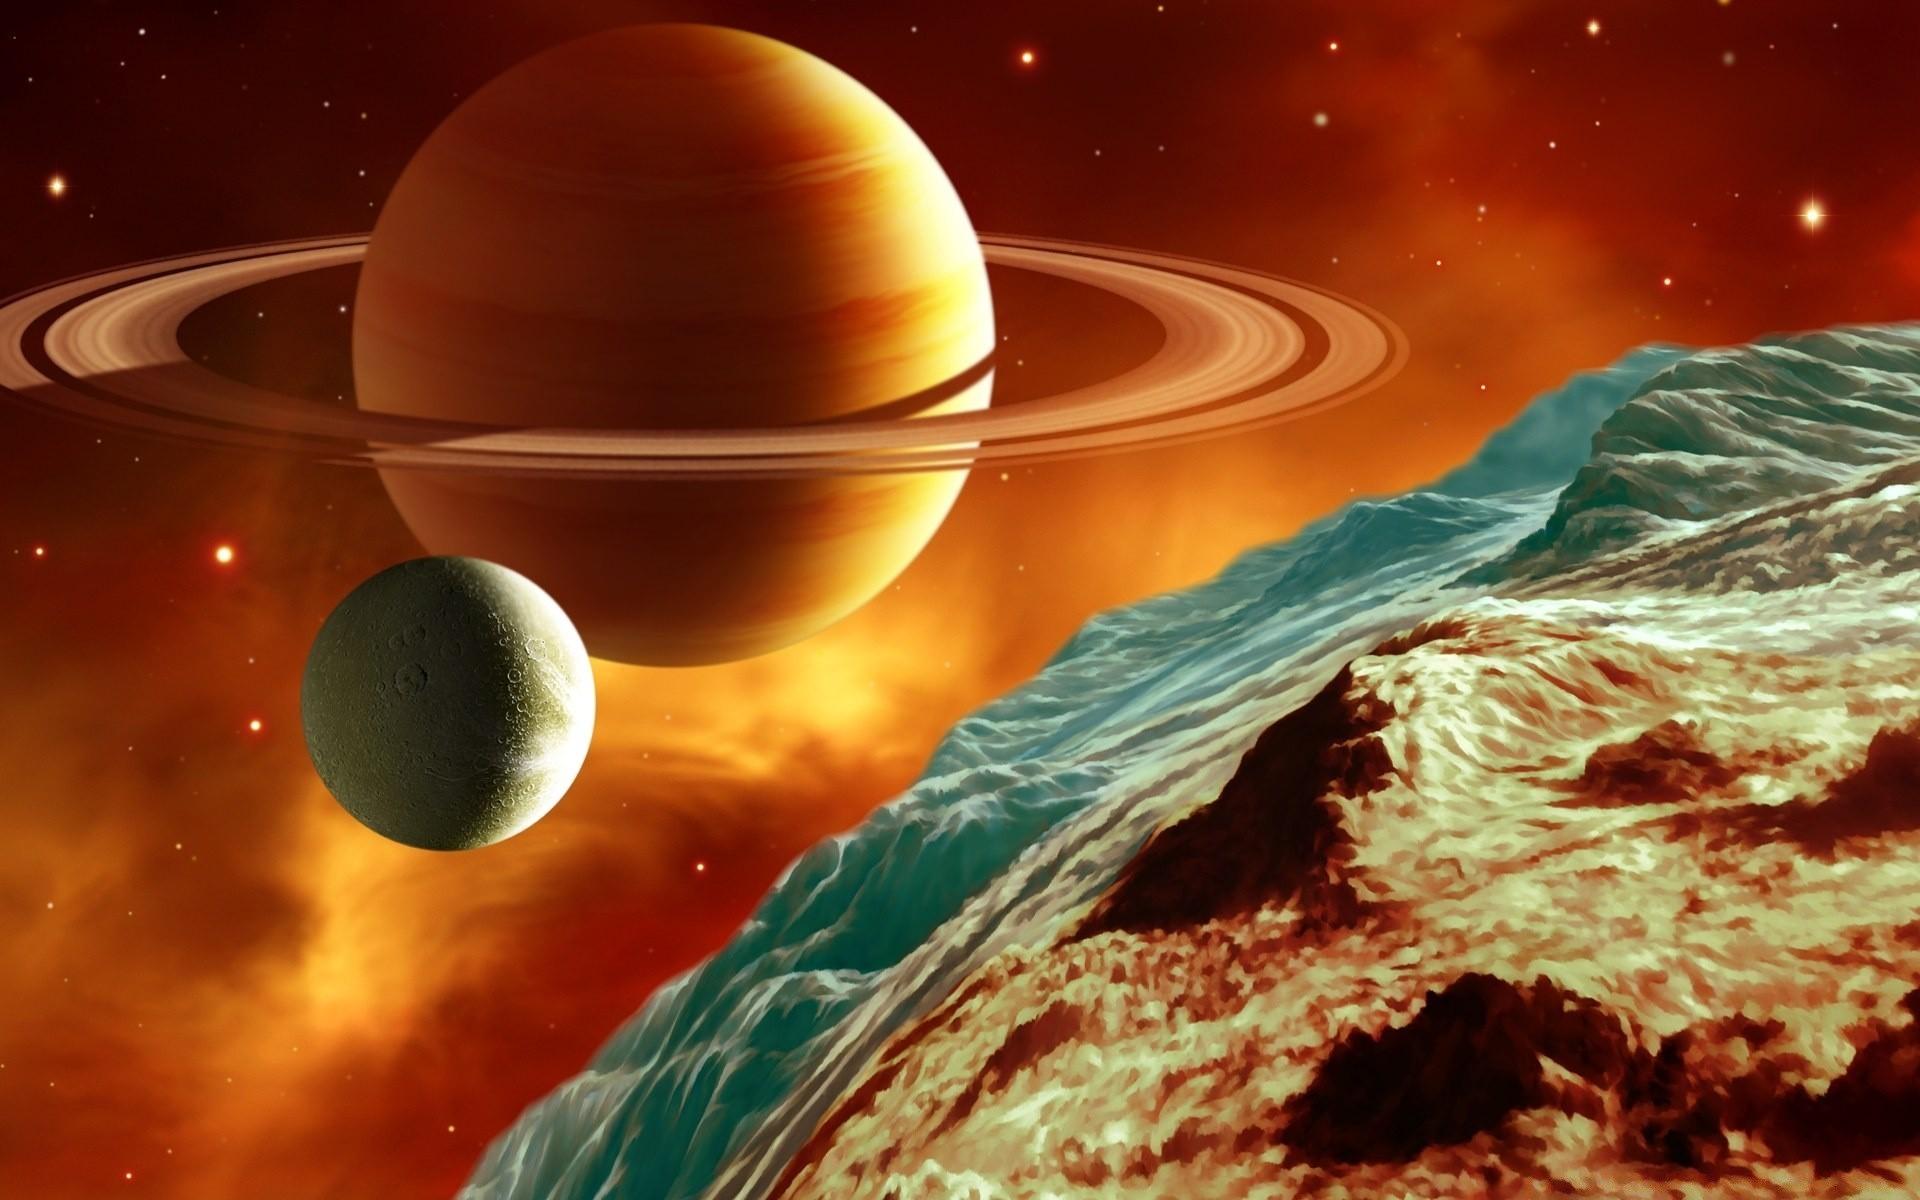 случае чего покажи картинки планет работается складах